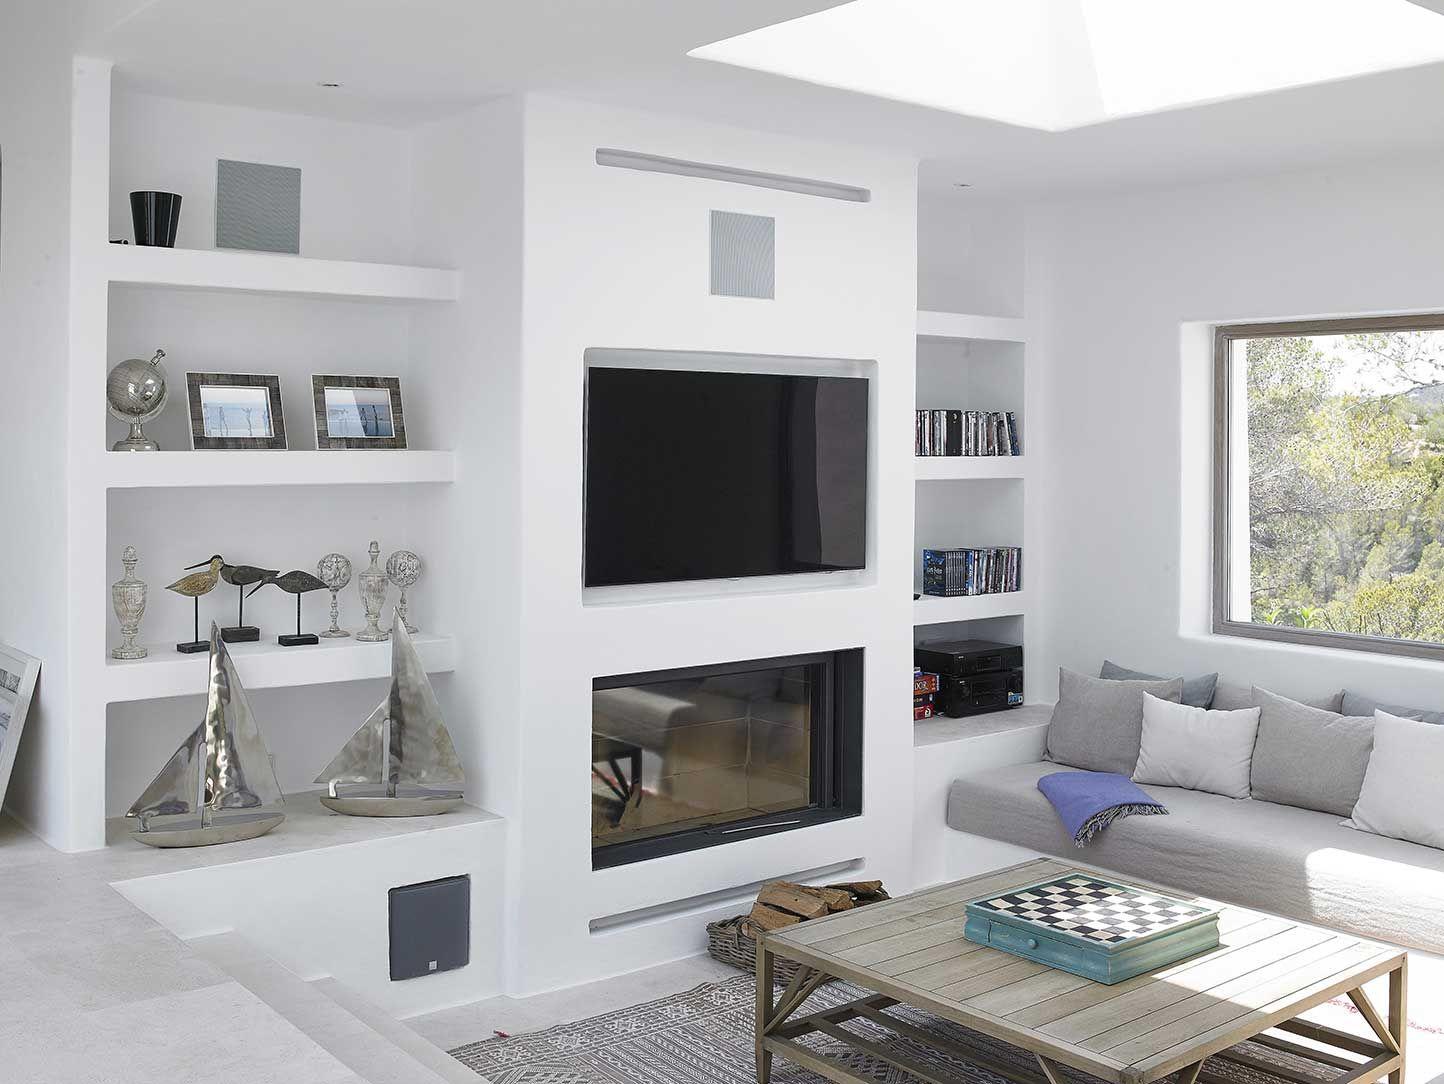 Blakstad design consultants proyectos decoracion - Chimeneas para pisos ...